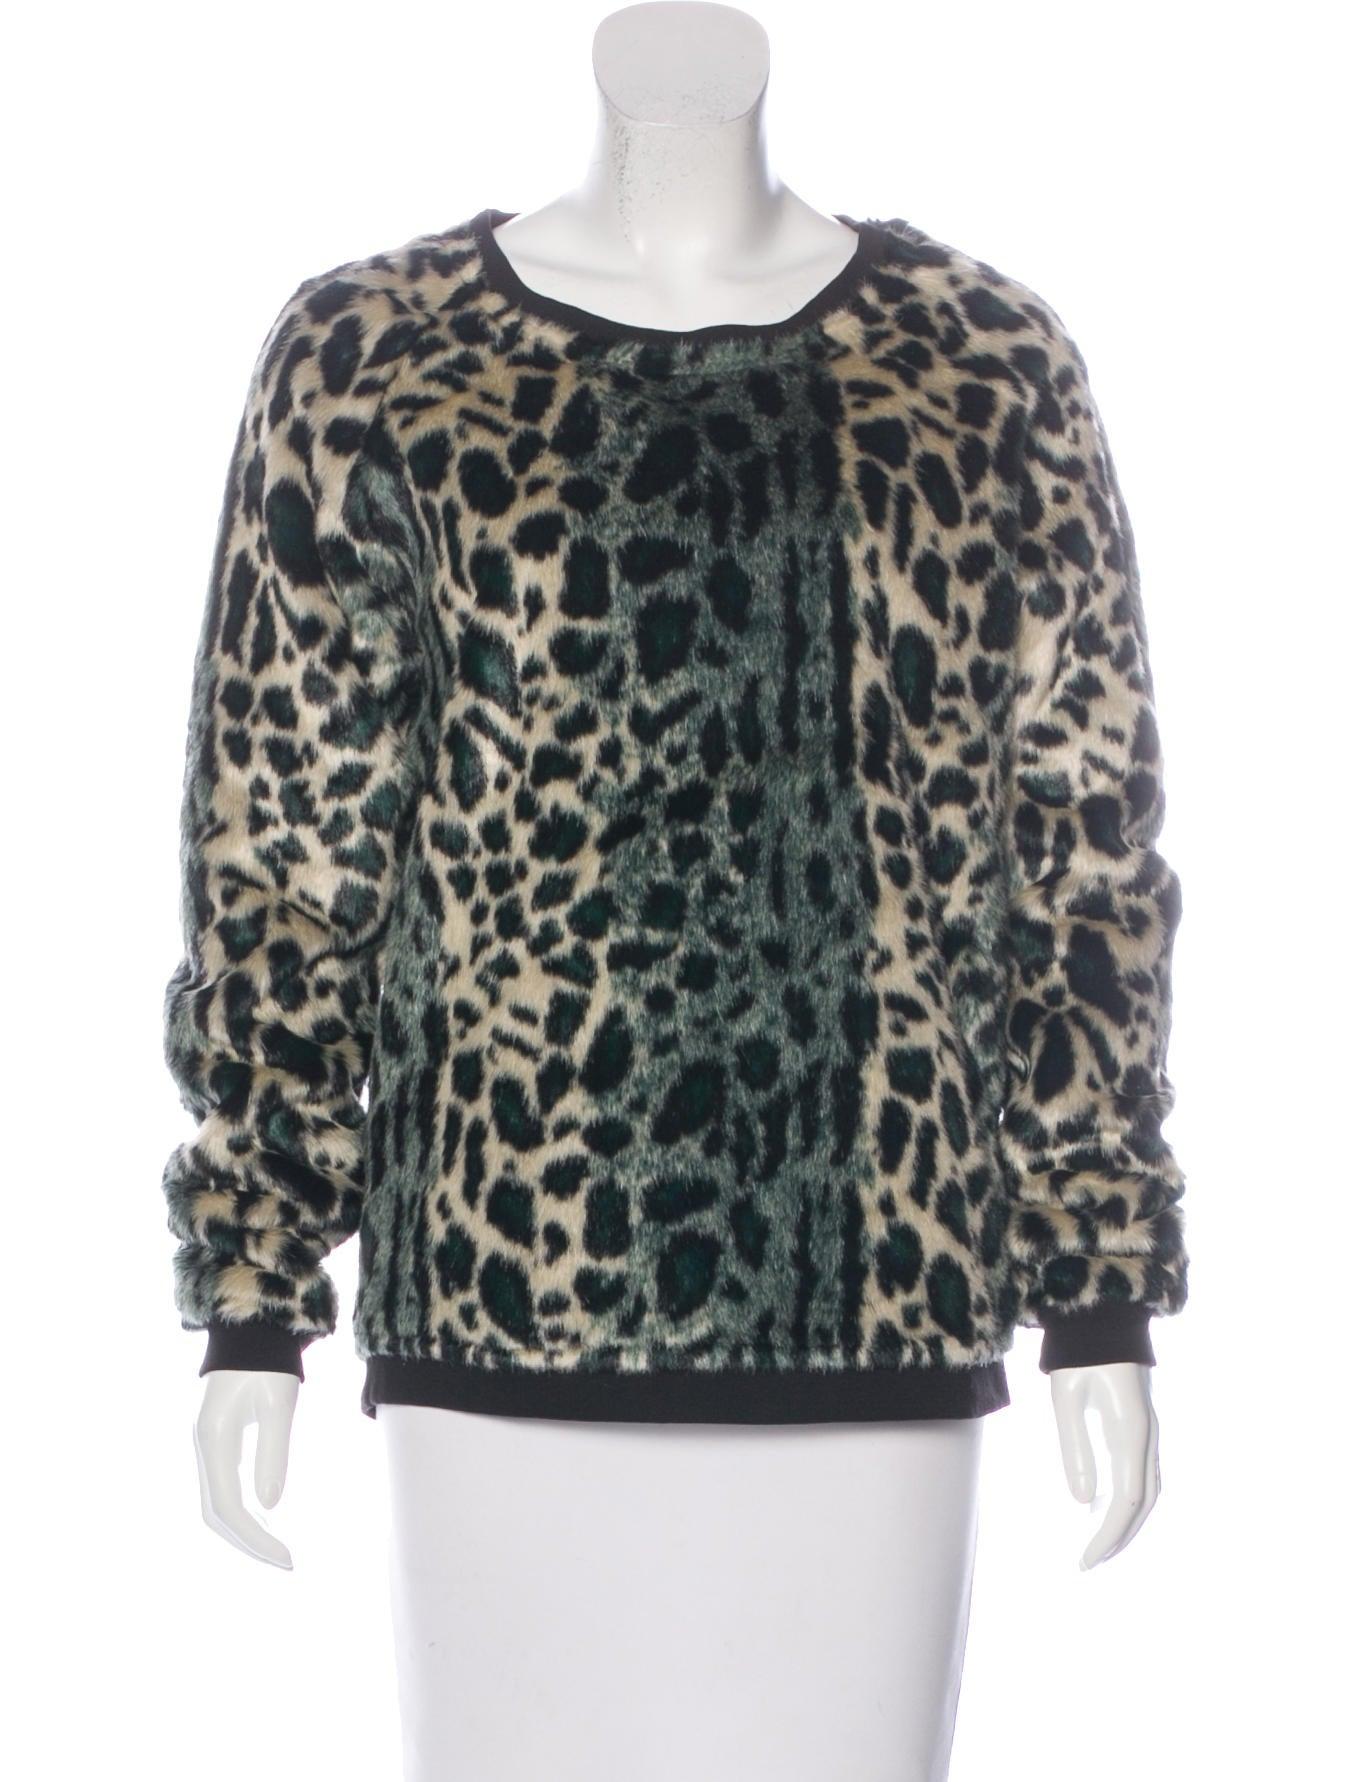 Maison Scotch Leopard Print Faux Fur Sweater Clothing